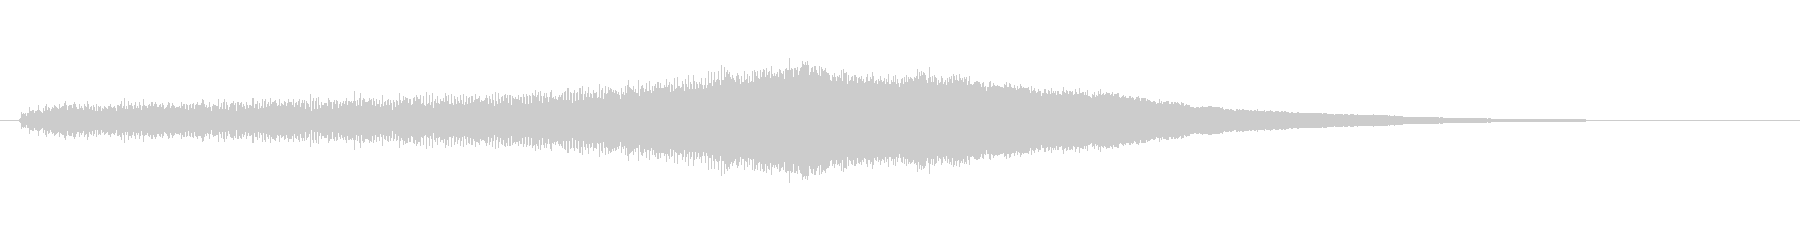 素材 オルガンスウェルメジャー01の未再生の波形